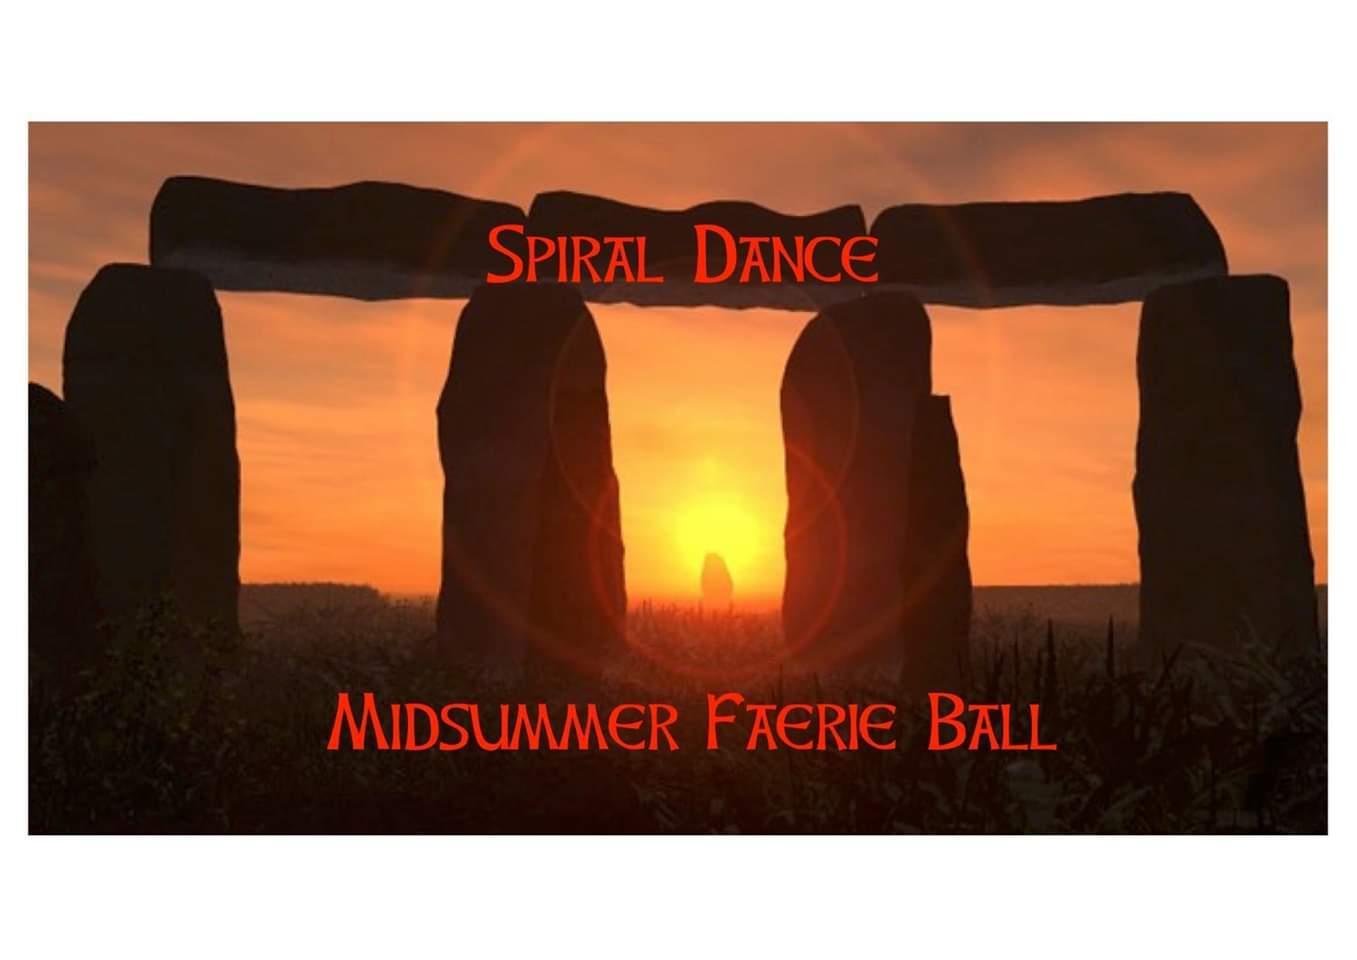 Spiral Dance – The Midsummer Faerie Ball